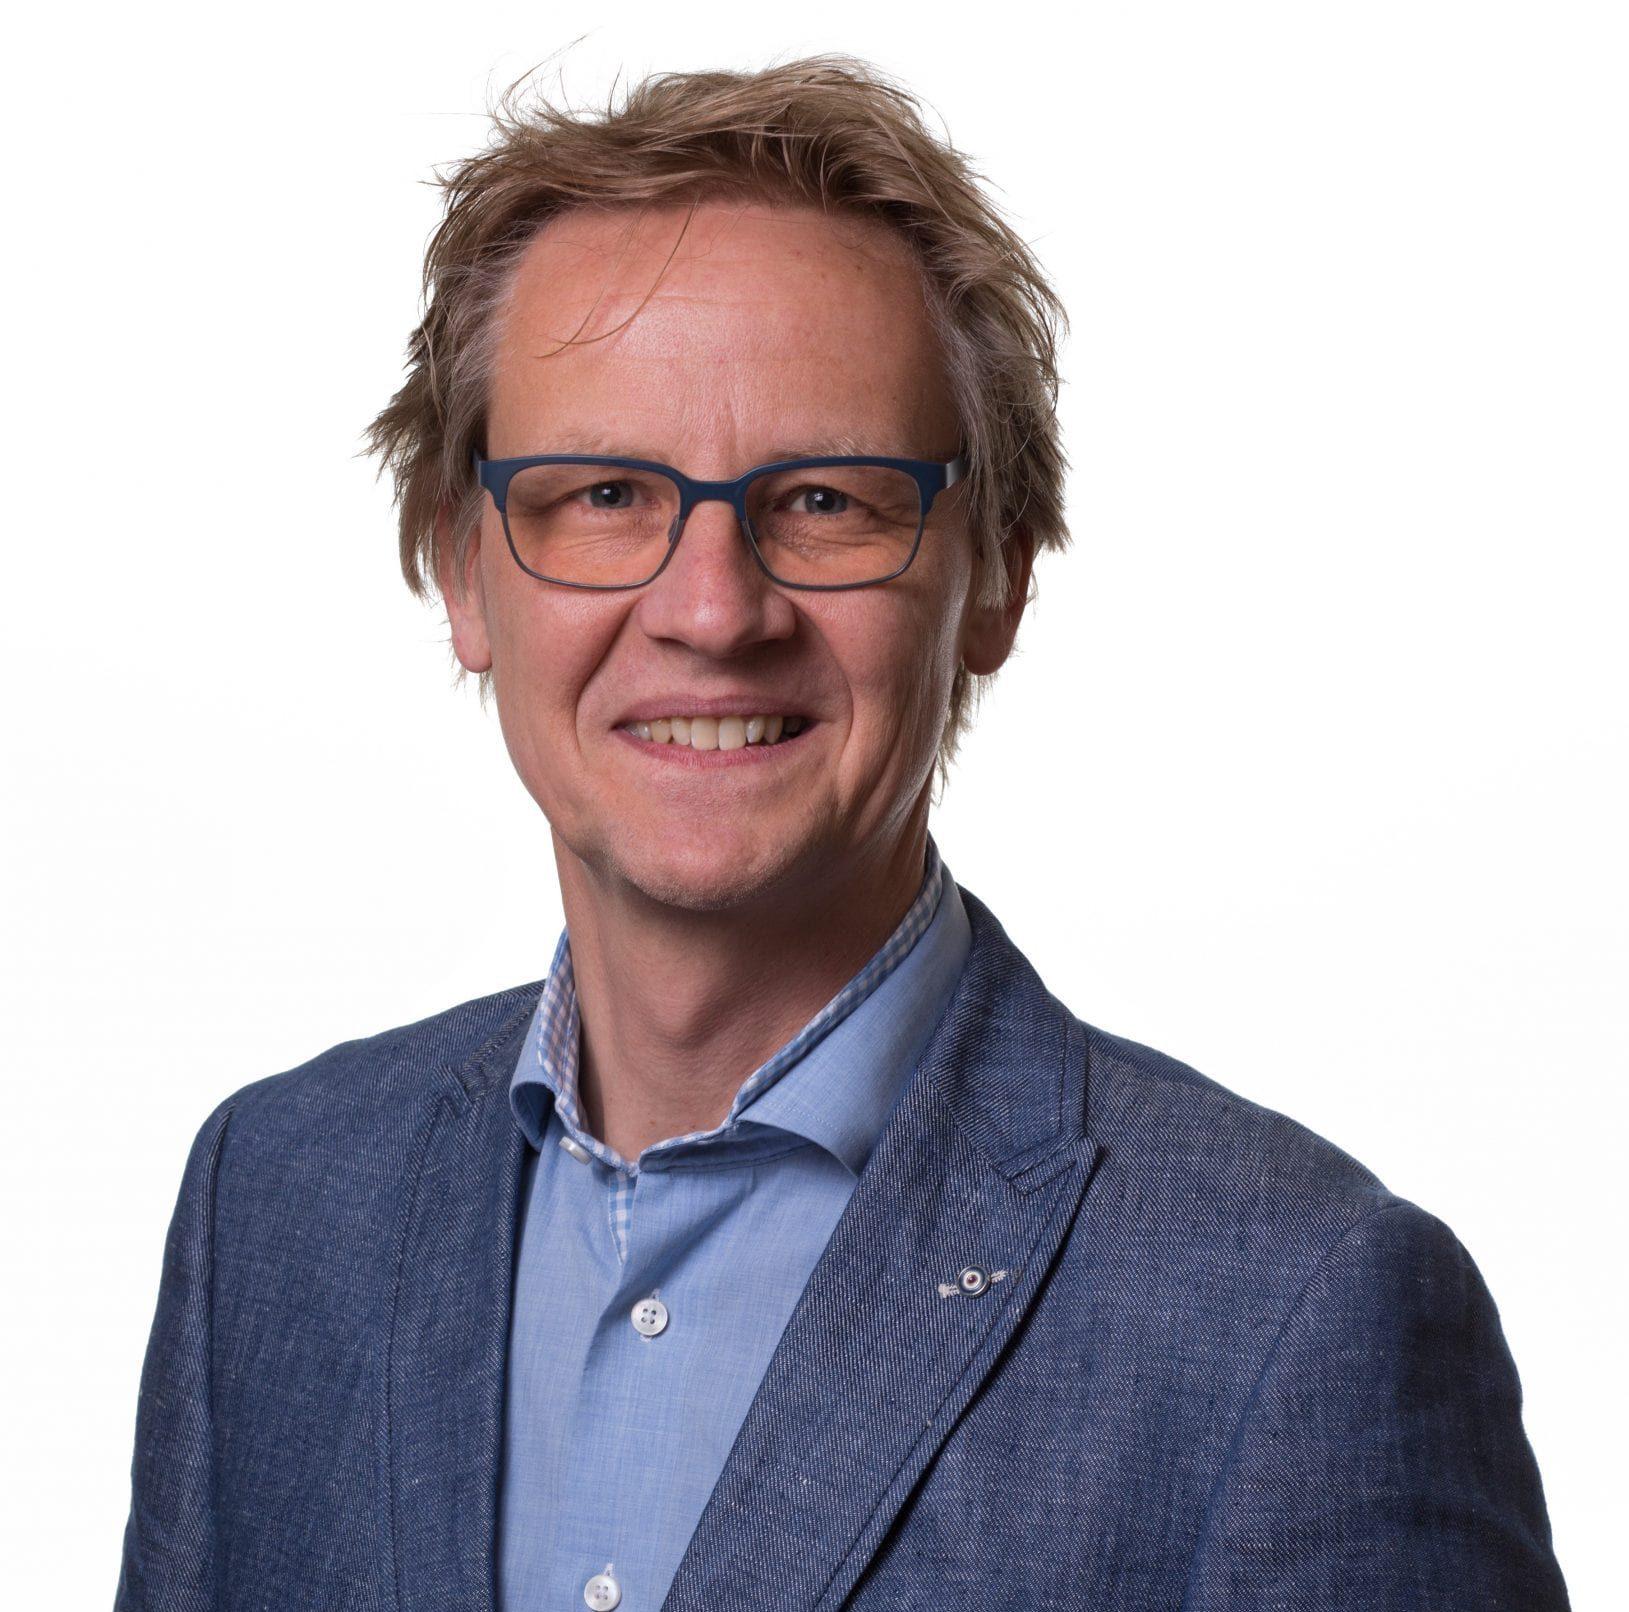 Klaas Schouwstra